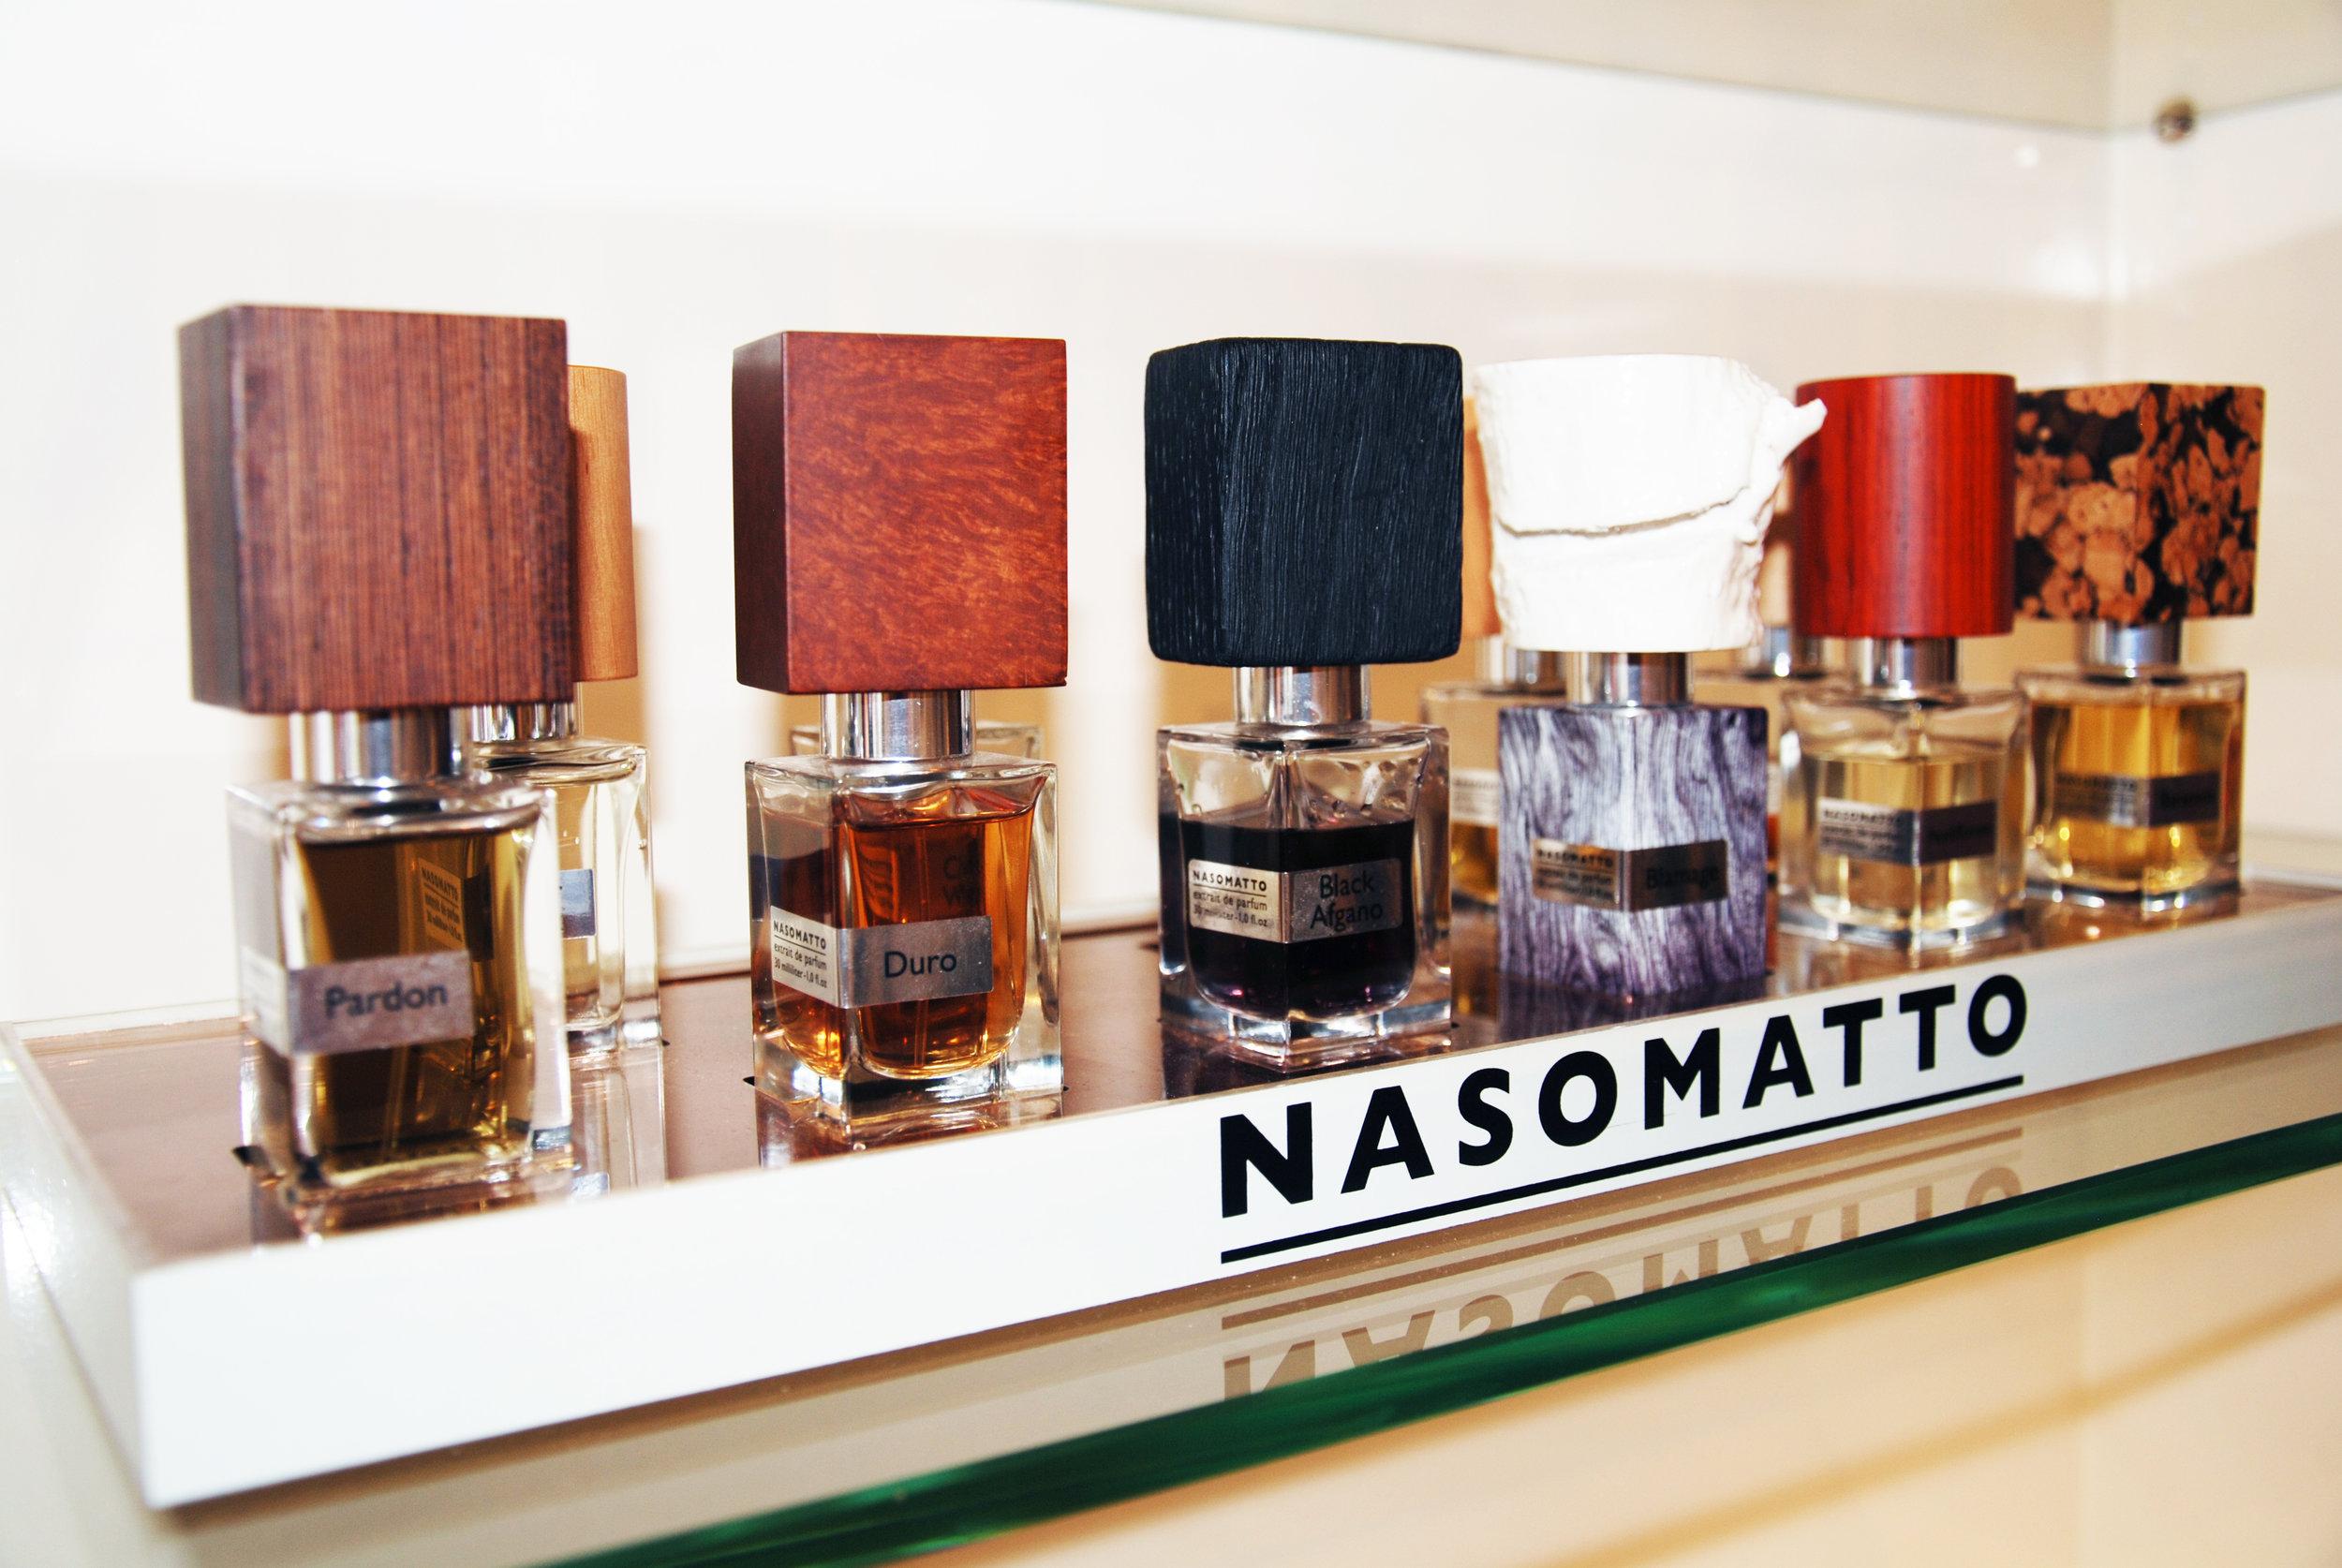 Nasomatto , een Italiaans merk van een flamboyante parfumeur die niets liever doet dan provoceren met zijn geuren. Whisky ( Baraonda ), cannabis ( Black Afgano ), absint ( Absinth )...